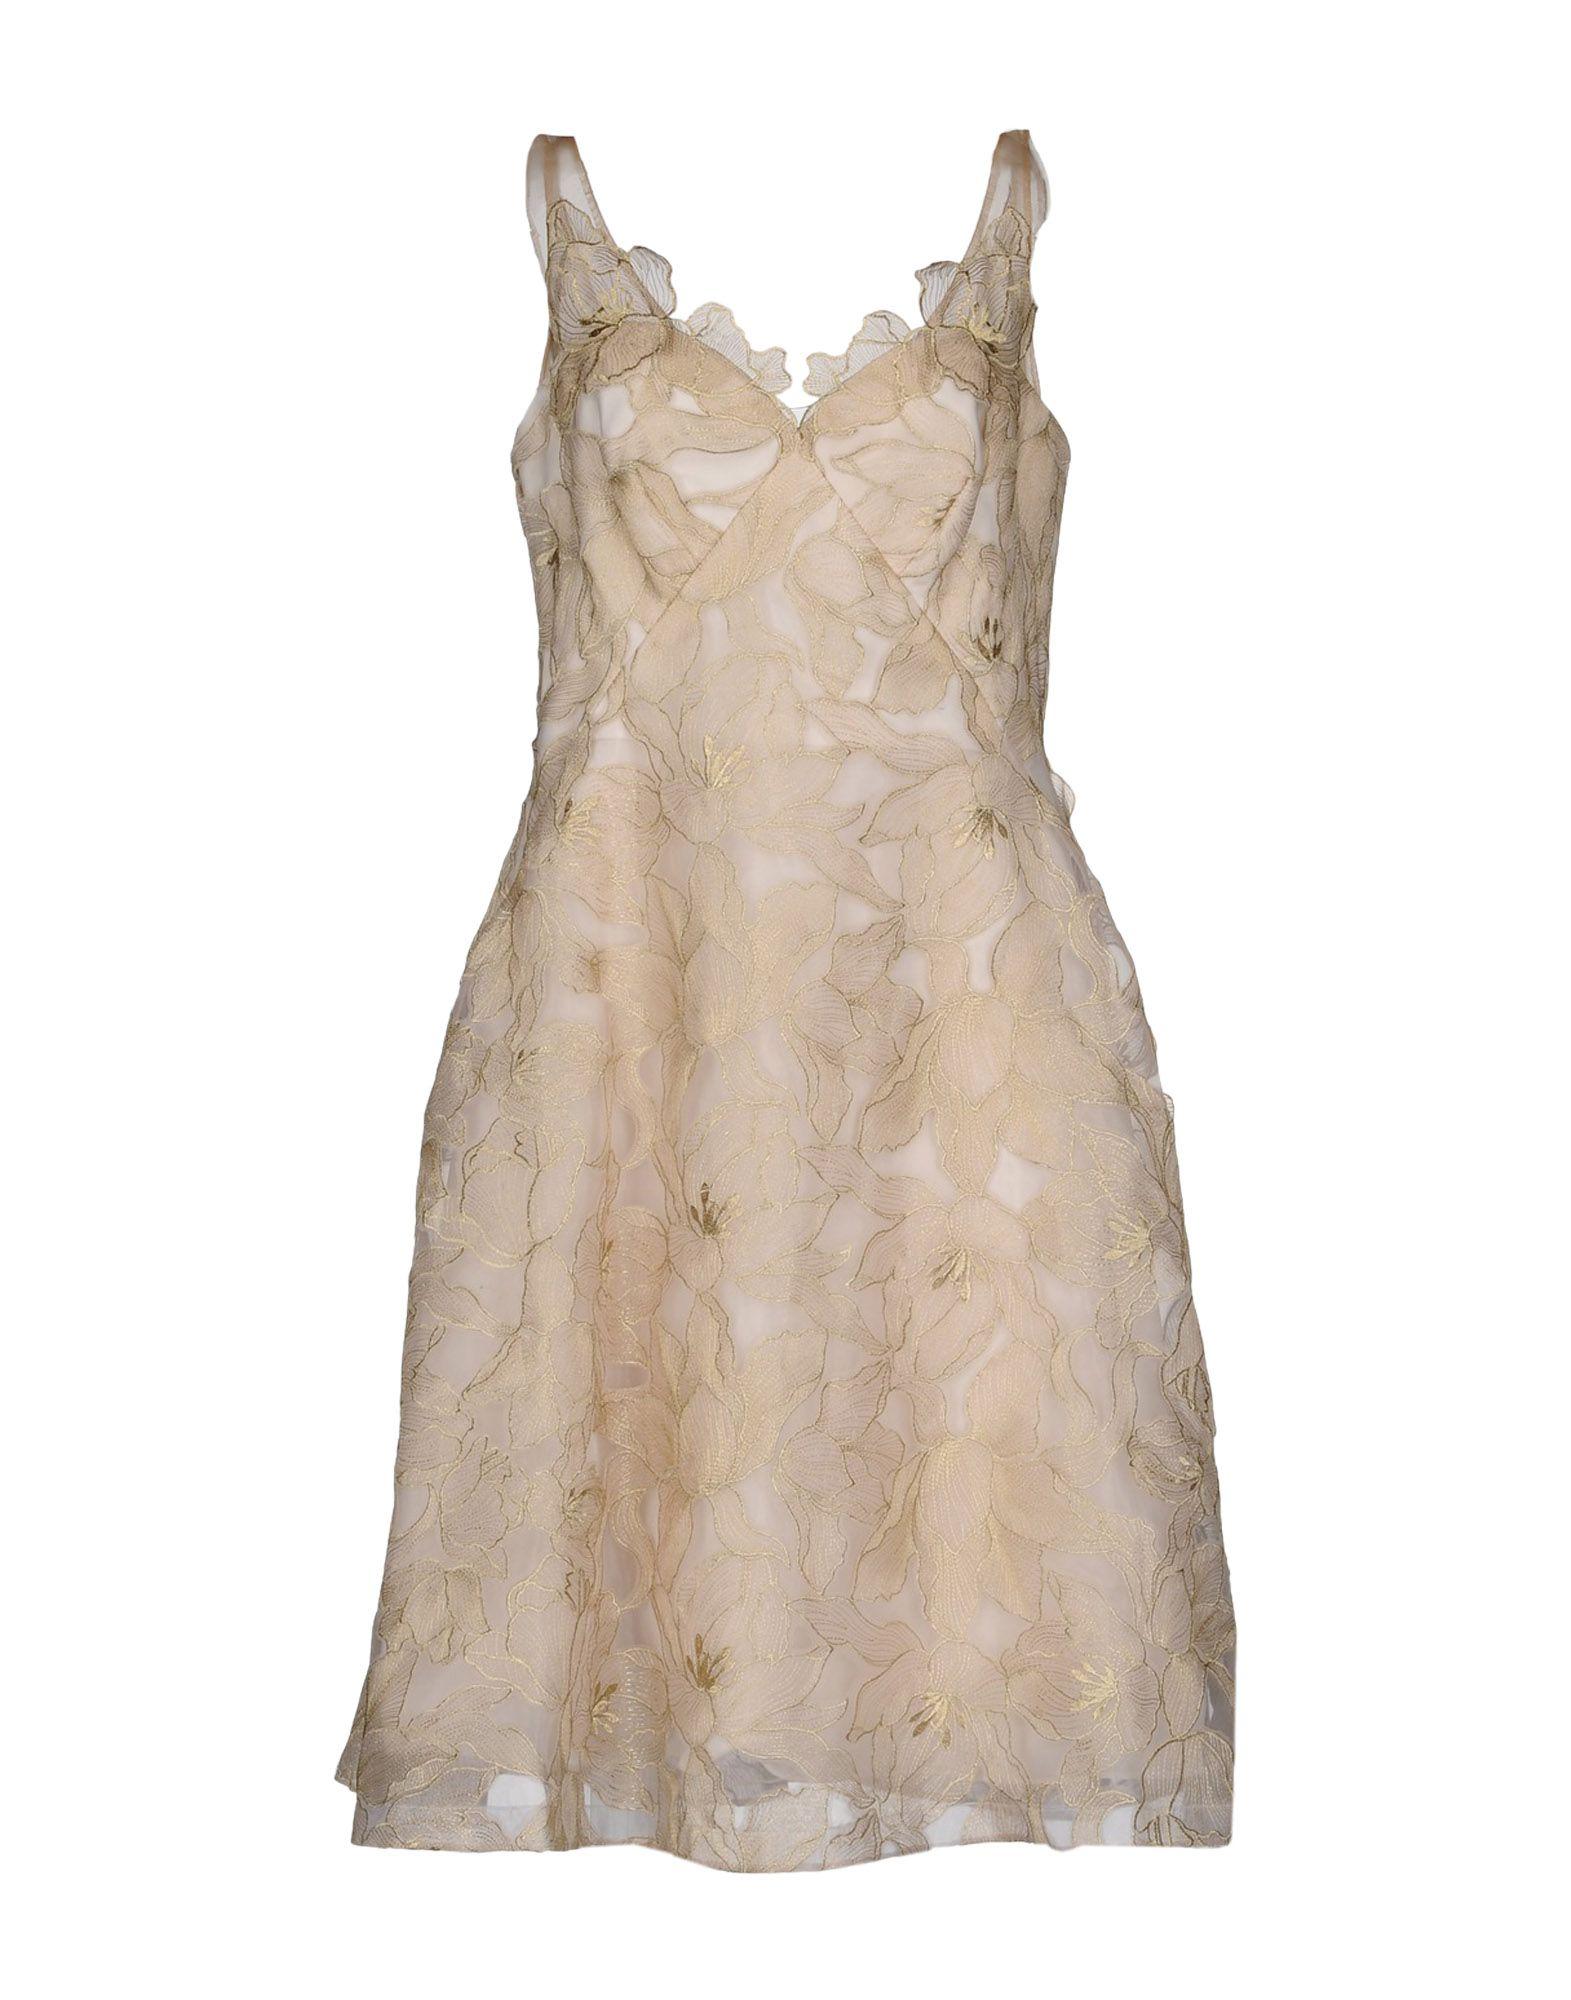 MARCHESA NOTTE | MARCHESA NOTTE Knee-length dresses | Goxip